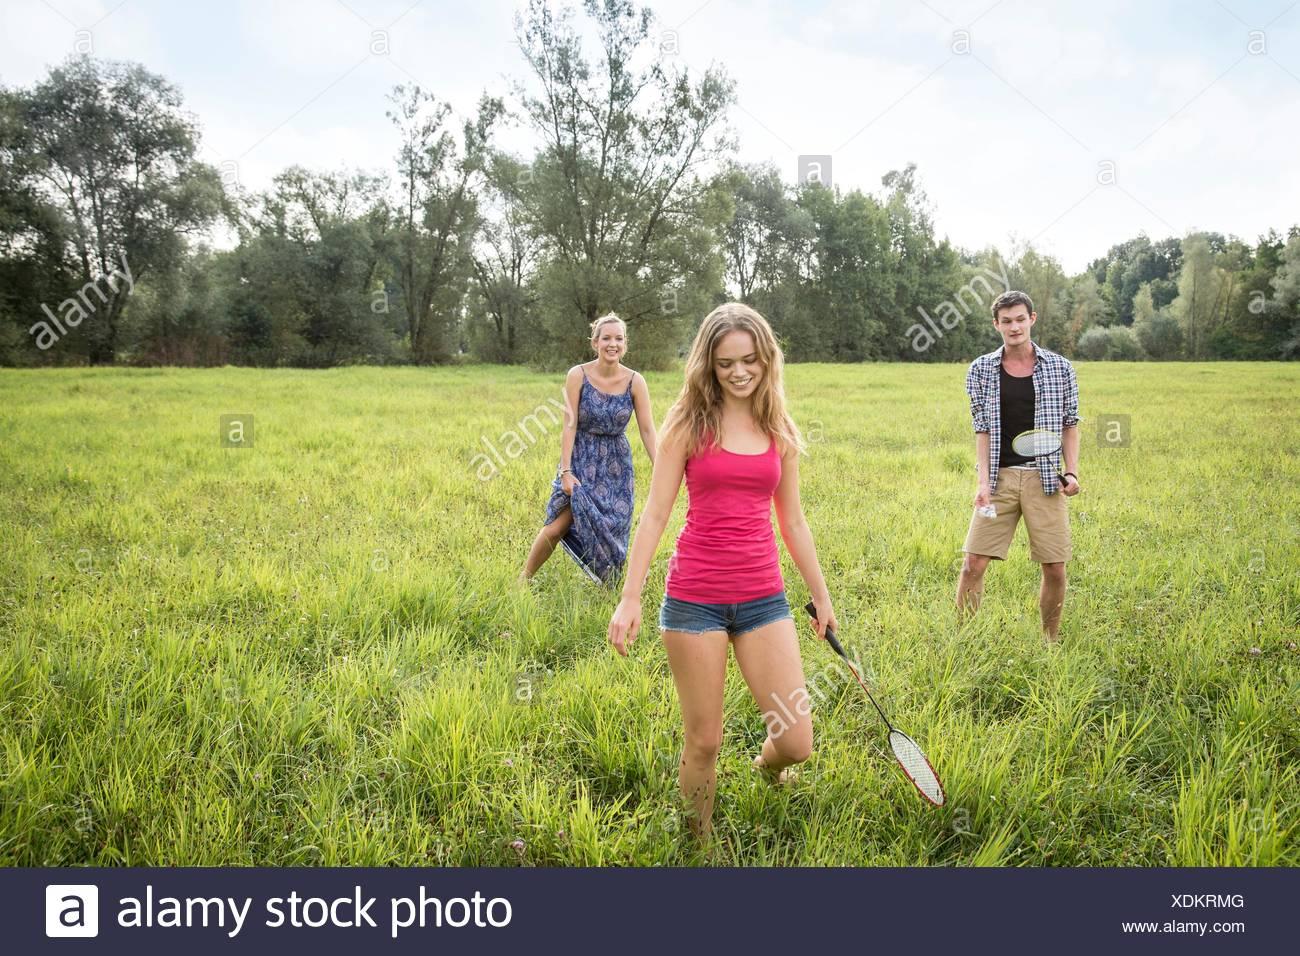 Grupo de jóvenes adultos jugar al bádminton en el campo Imagen De Stock